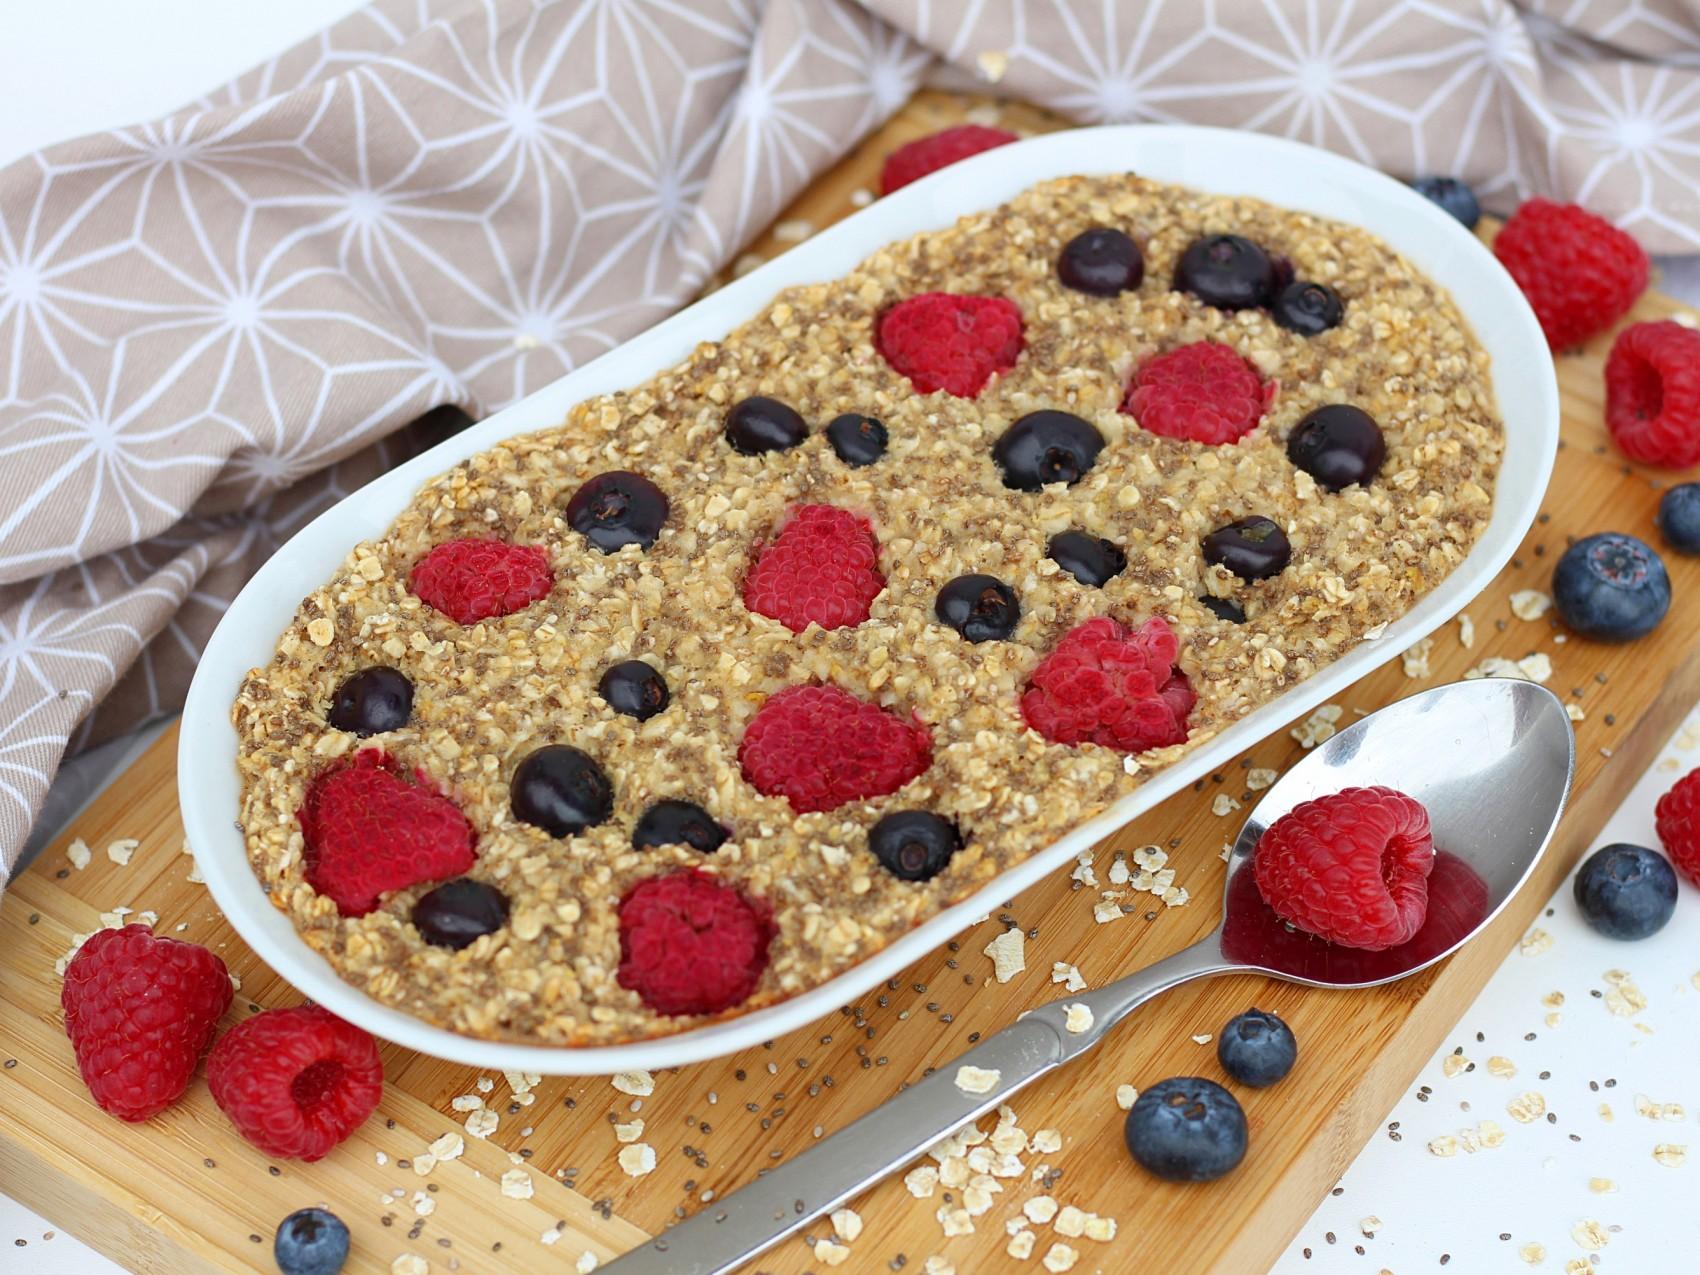 Veganes Baked Oatmeal Zimt-Beeren5